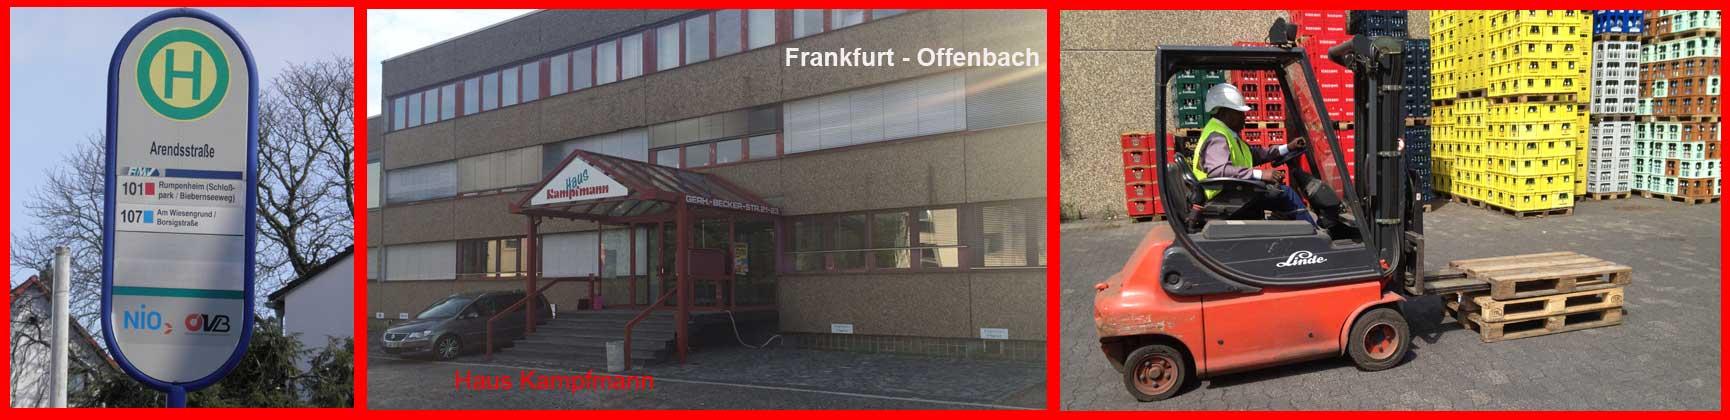 Seminarort für Staplerschein, Kranschein und Baggerschein in Frankfurt und Offenbach